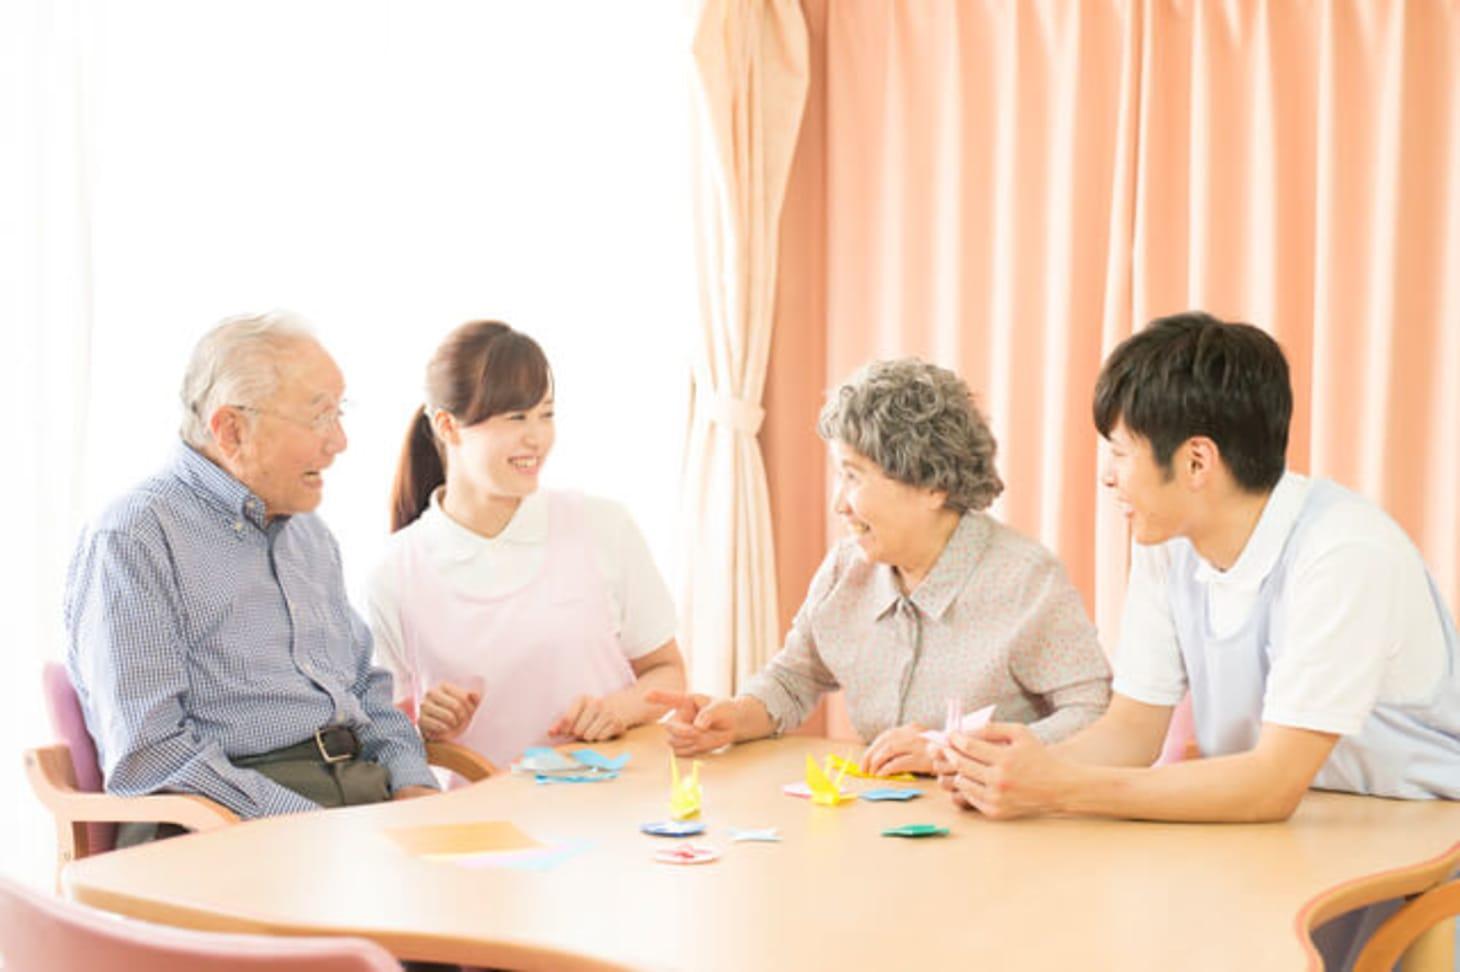 特別養護老人ホームとグループホーム 働くならどちらがおすすめ?